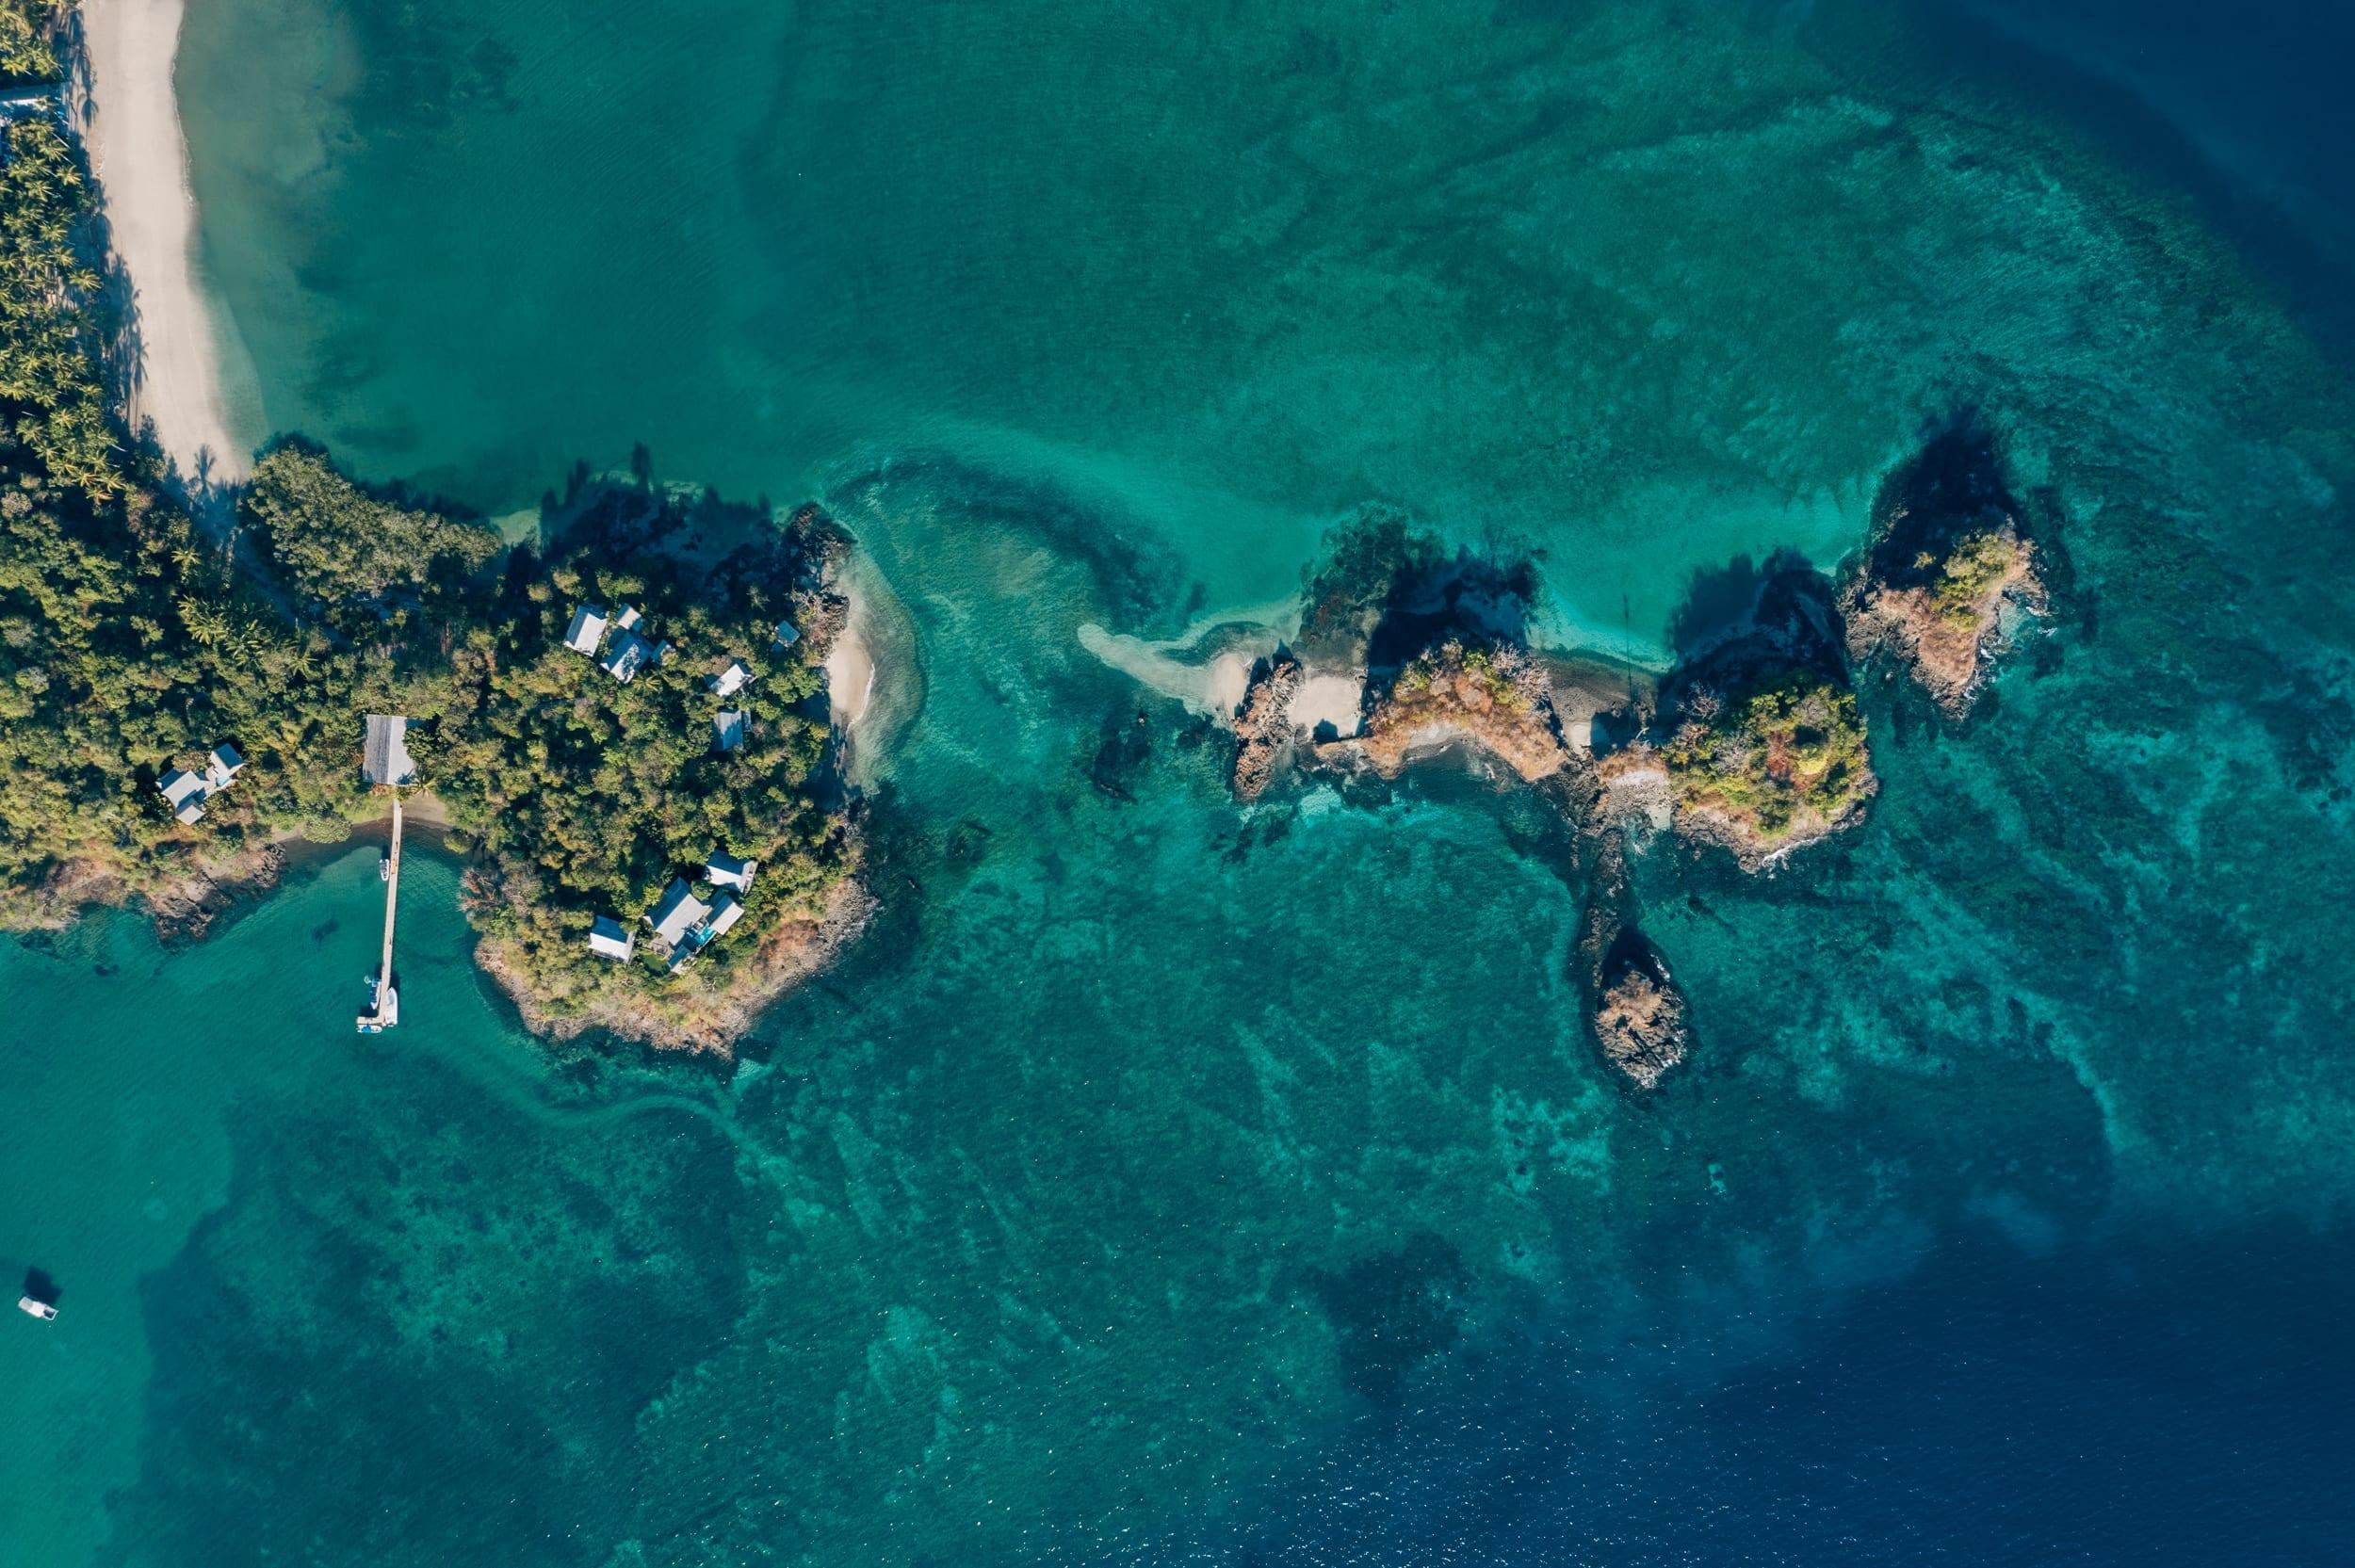 Islas Secas Aerial View Villas and Islands Panama